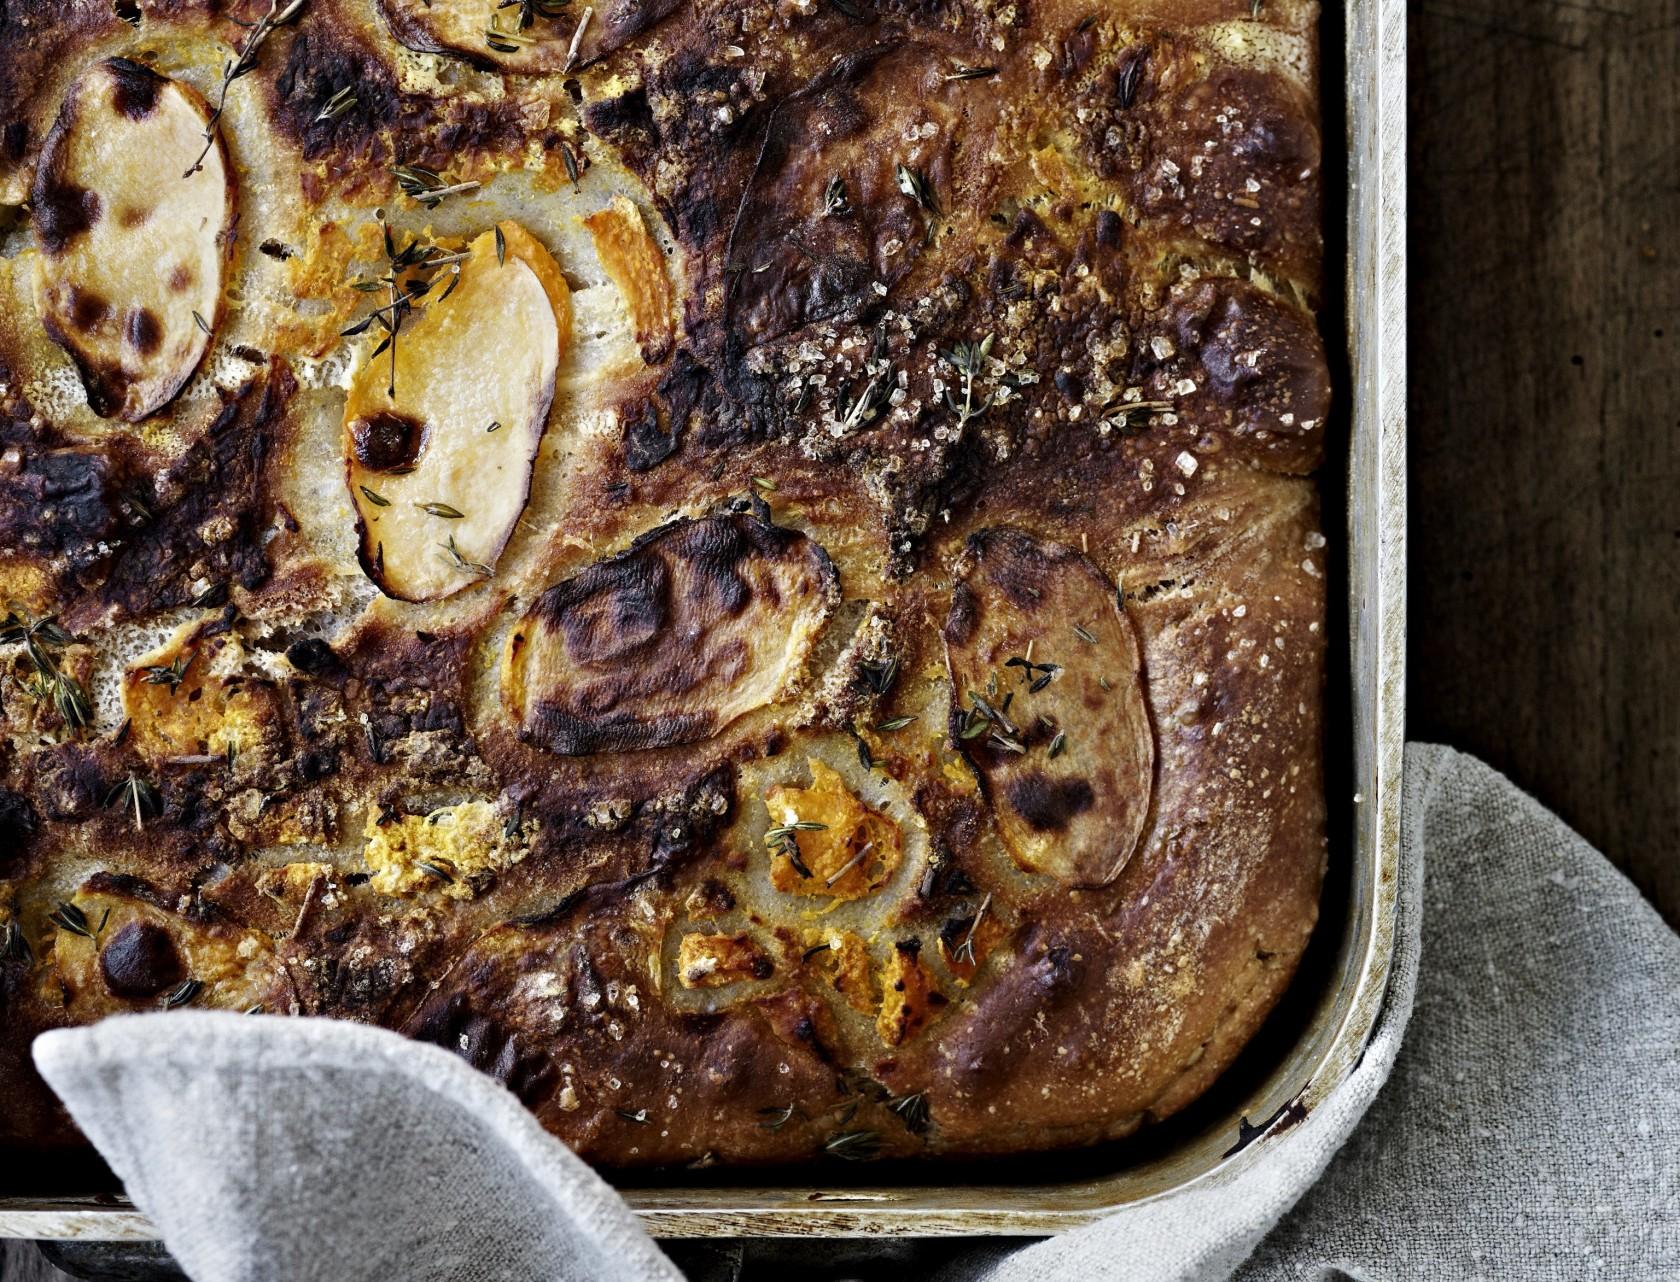 Focaccia med græskar og kartoffel - nem og lækker opskrift på brød med græskar.